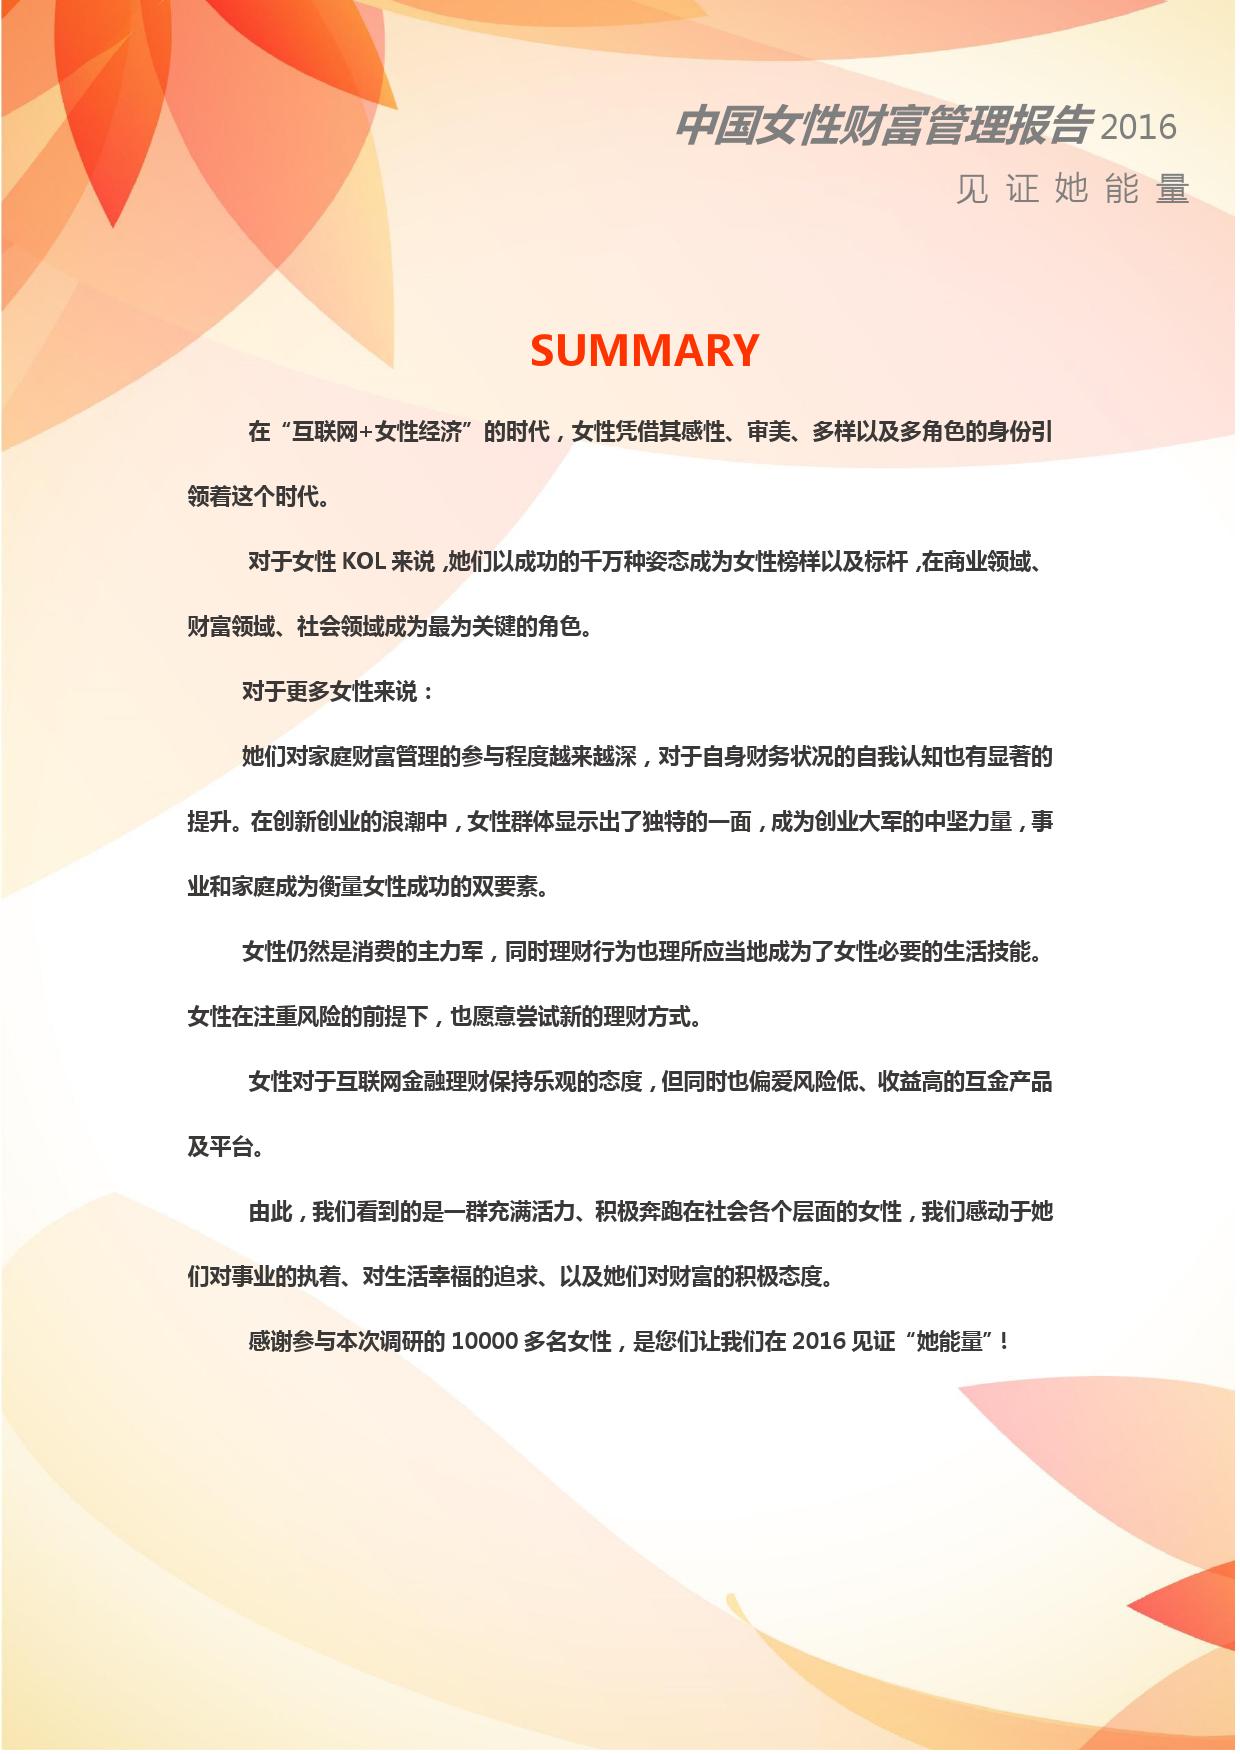 2016年中国女性财富管理报告_000026